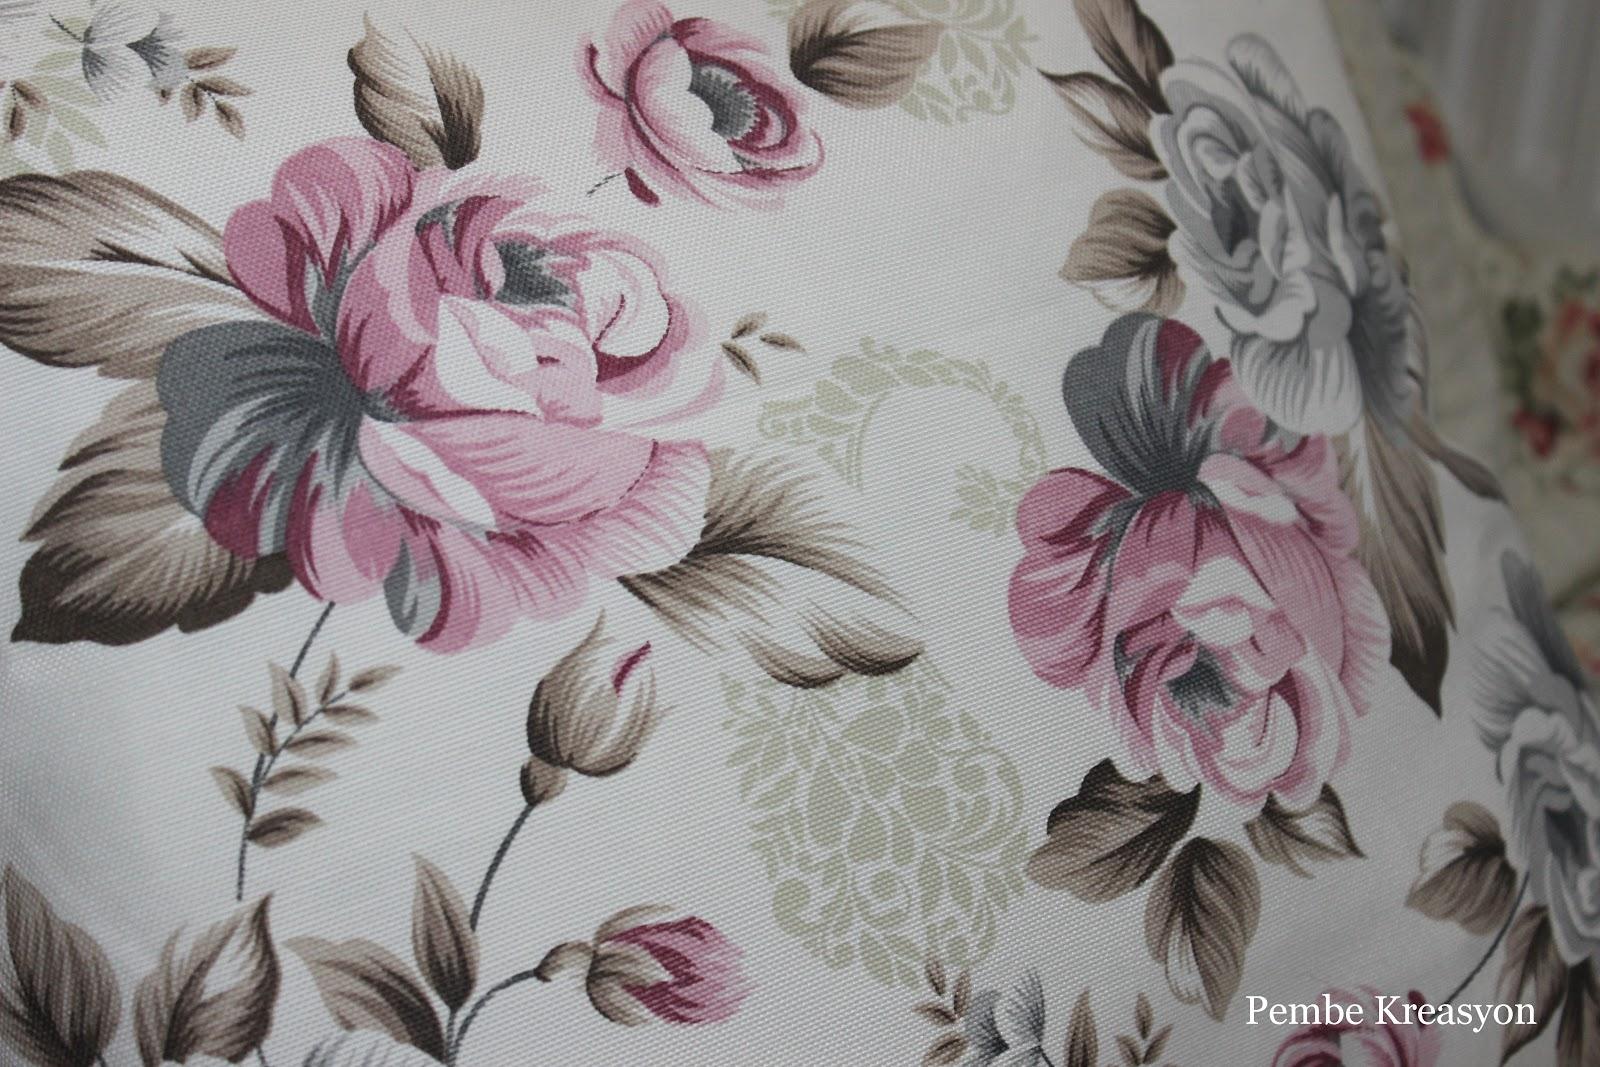 Çiçek desenli vintage kırlent, pembe çiçek desenli kırlent, pembe kırlent, english home kırlent, kırlent nasıl dikilir, kırlent ölçüleri, duck kumaşlar